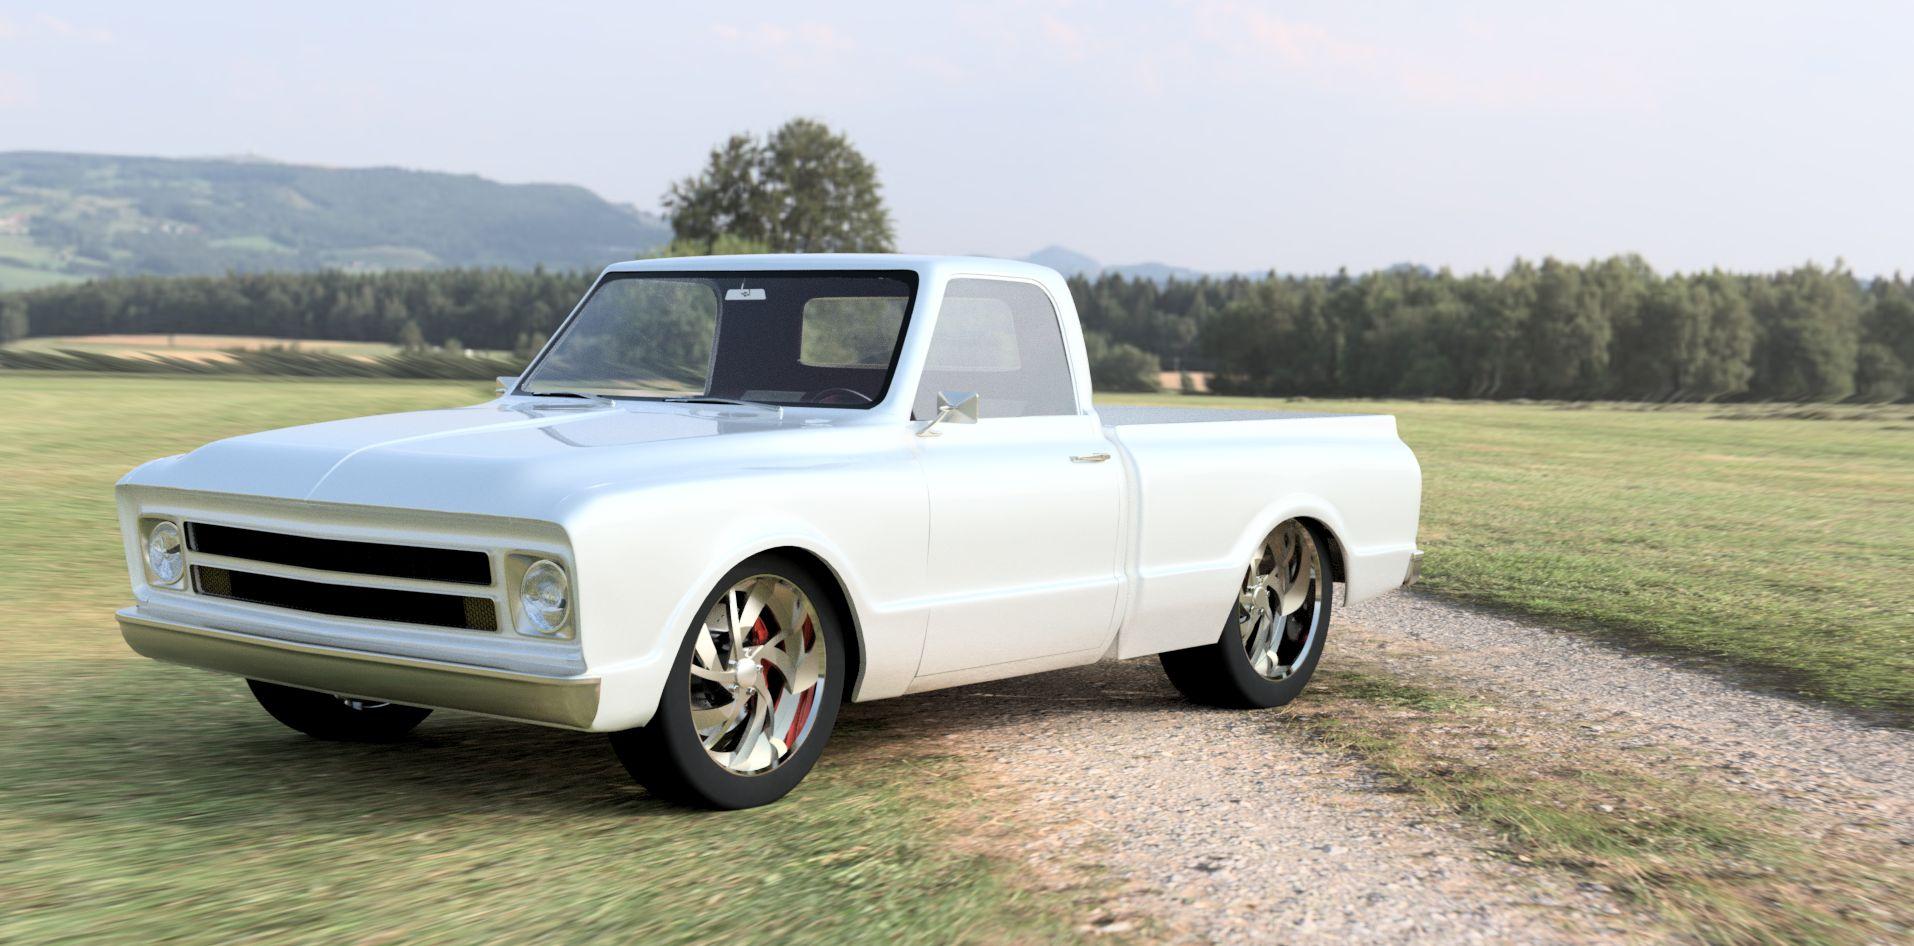 Truck-body5-v26-4-3500-3500